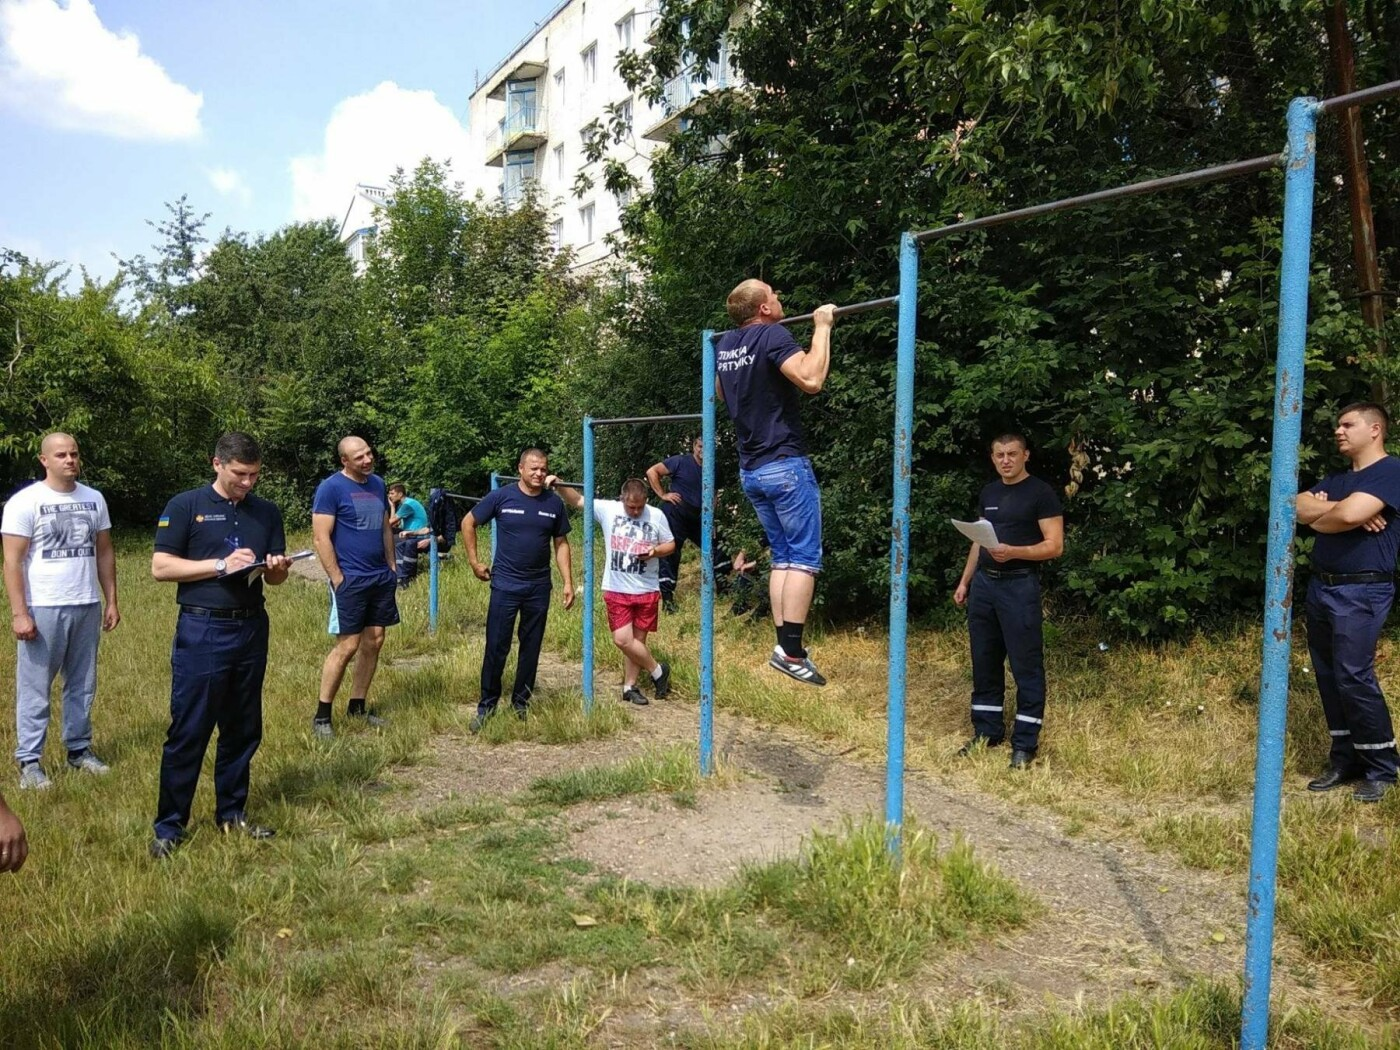 Кам'янецькі рятувальники екзамен на профпридатність пройшли на відмінно, фото-4